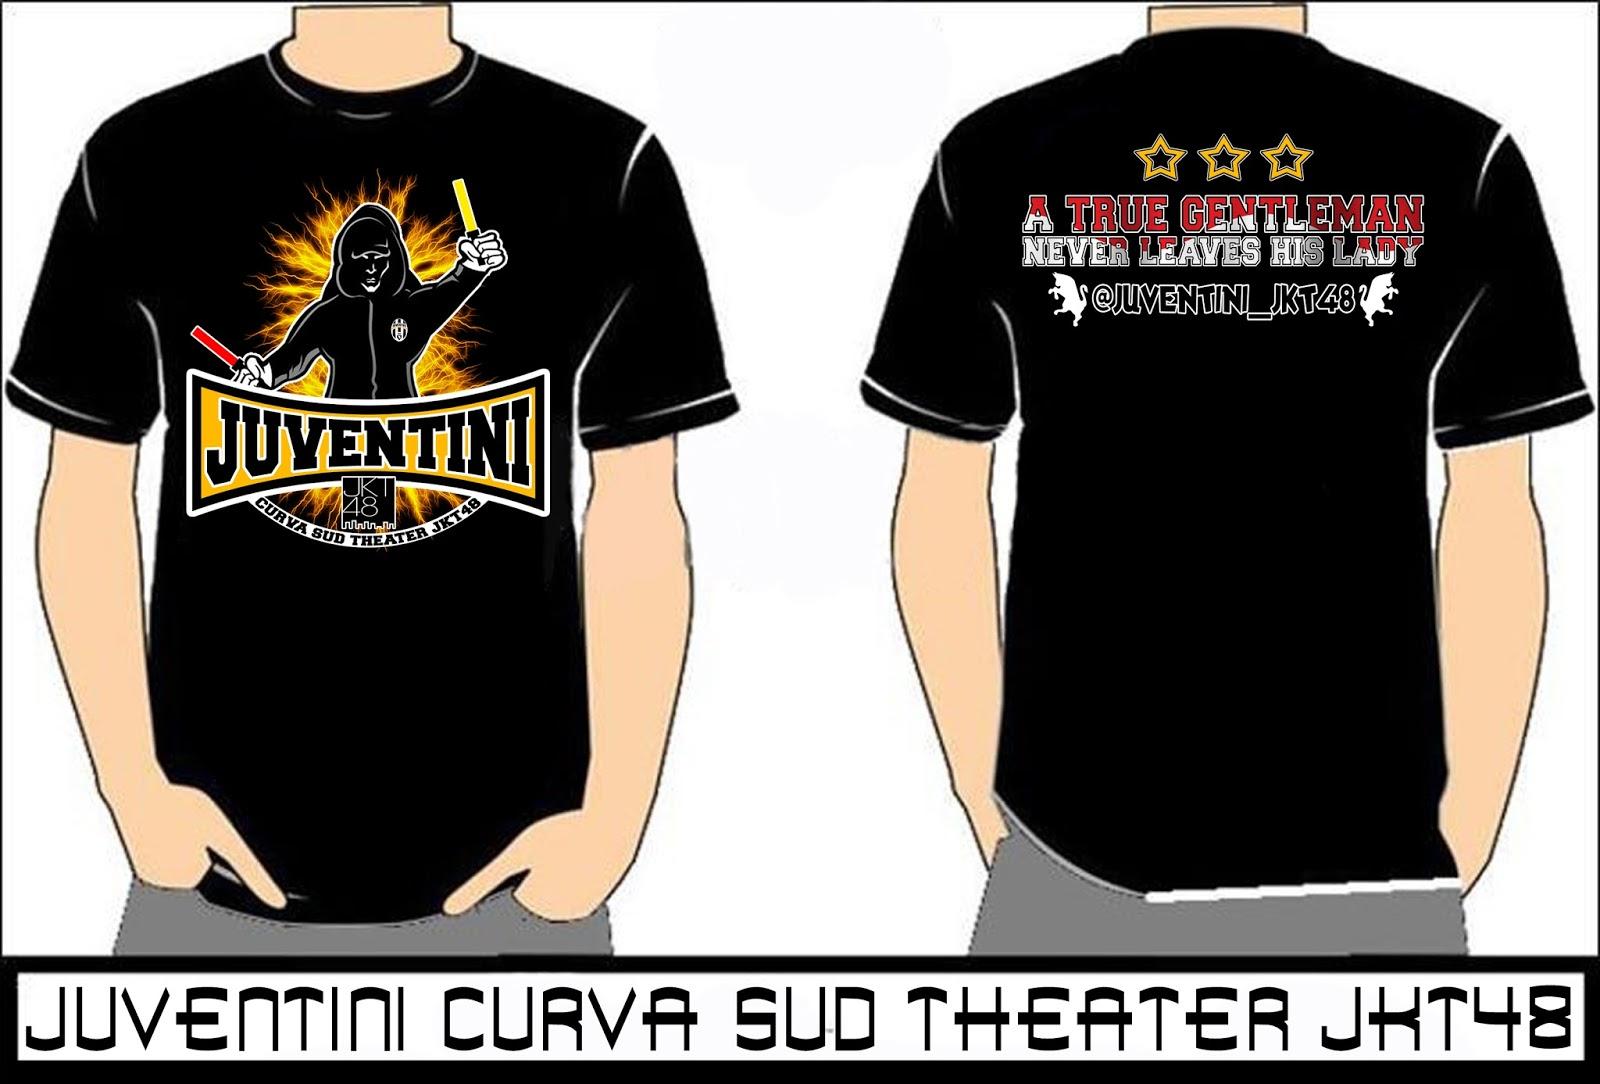 Desain t shirt jkt48 - Juventini Jkt48 Yuk L